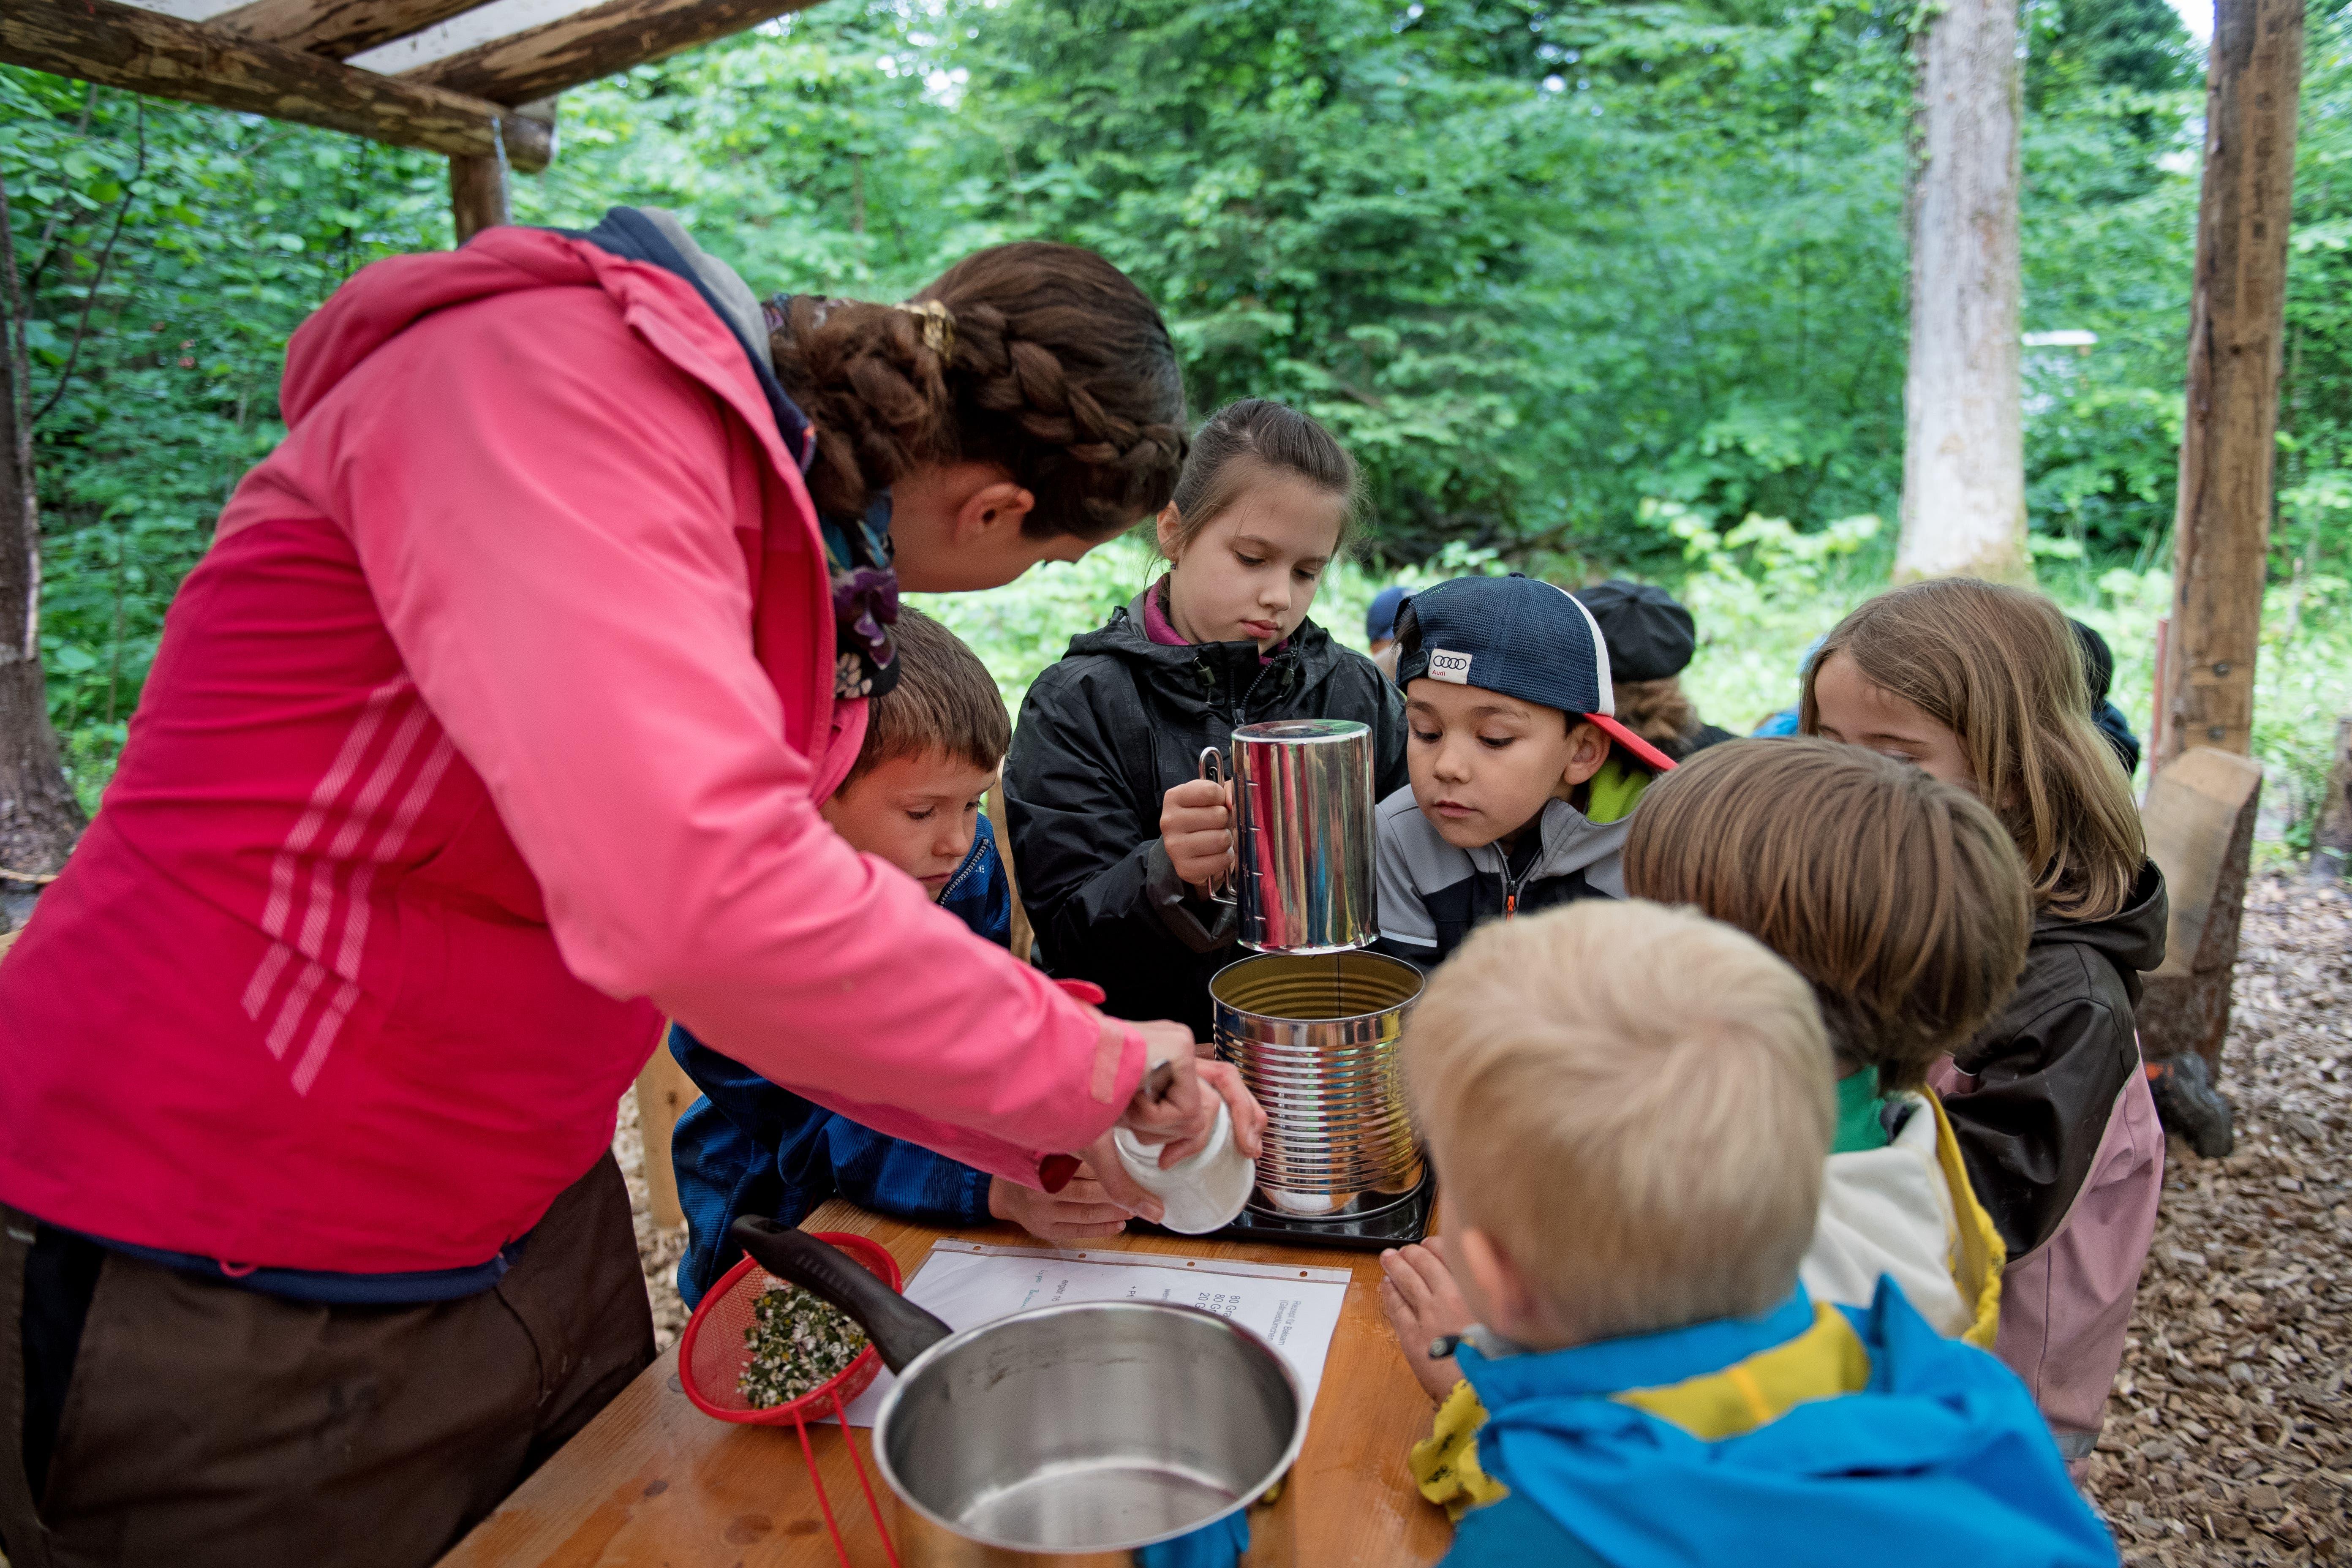 Projektwoche der Schule Alpnach: Herstellen von Waldmedizin auf dem Feuer. (Bilder Corinne Glanzmann, Alpnach, 15. Mai 2018).